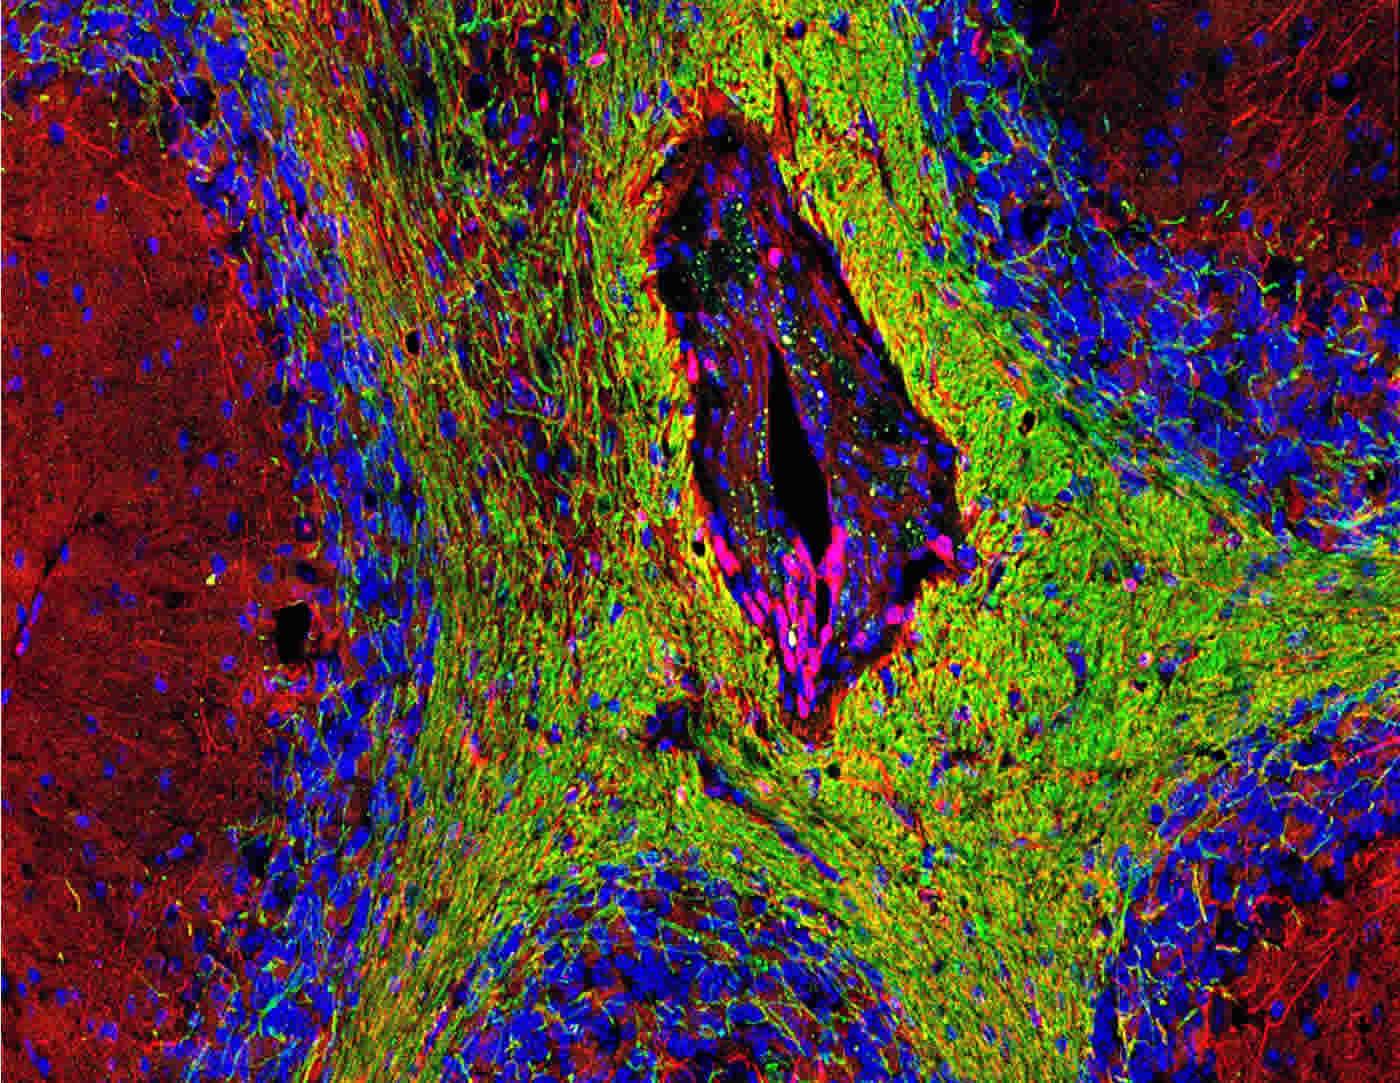 Image of demyelinated neurons.